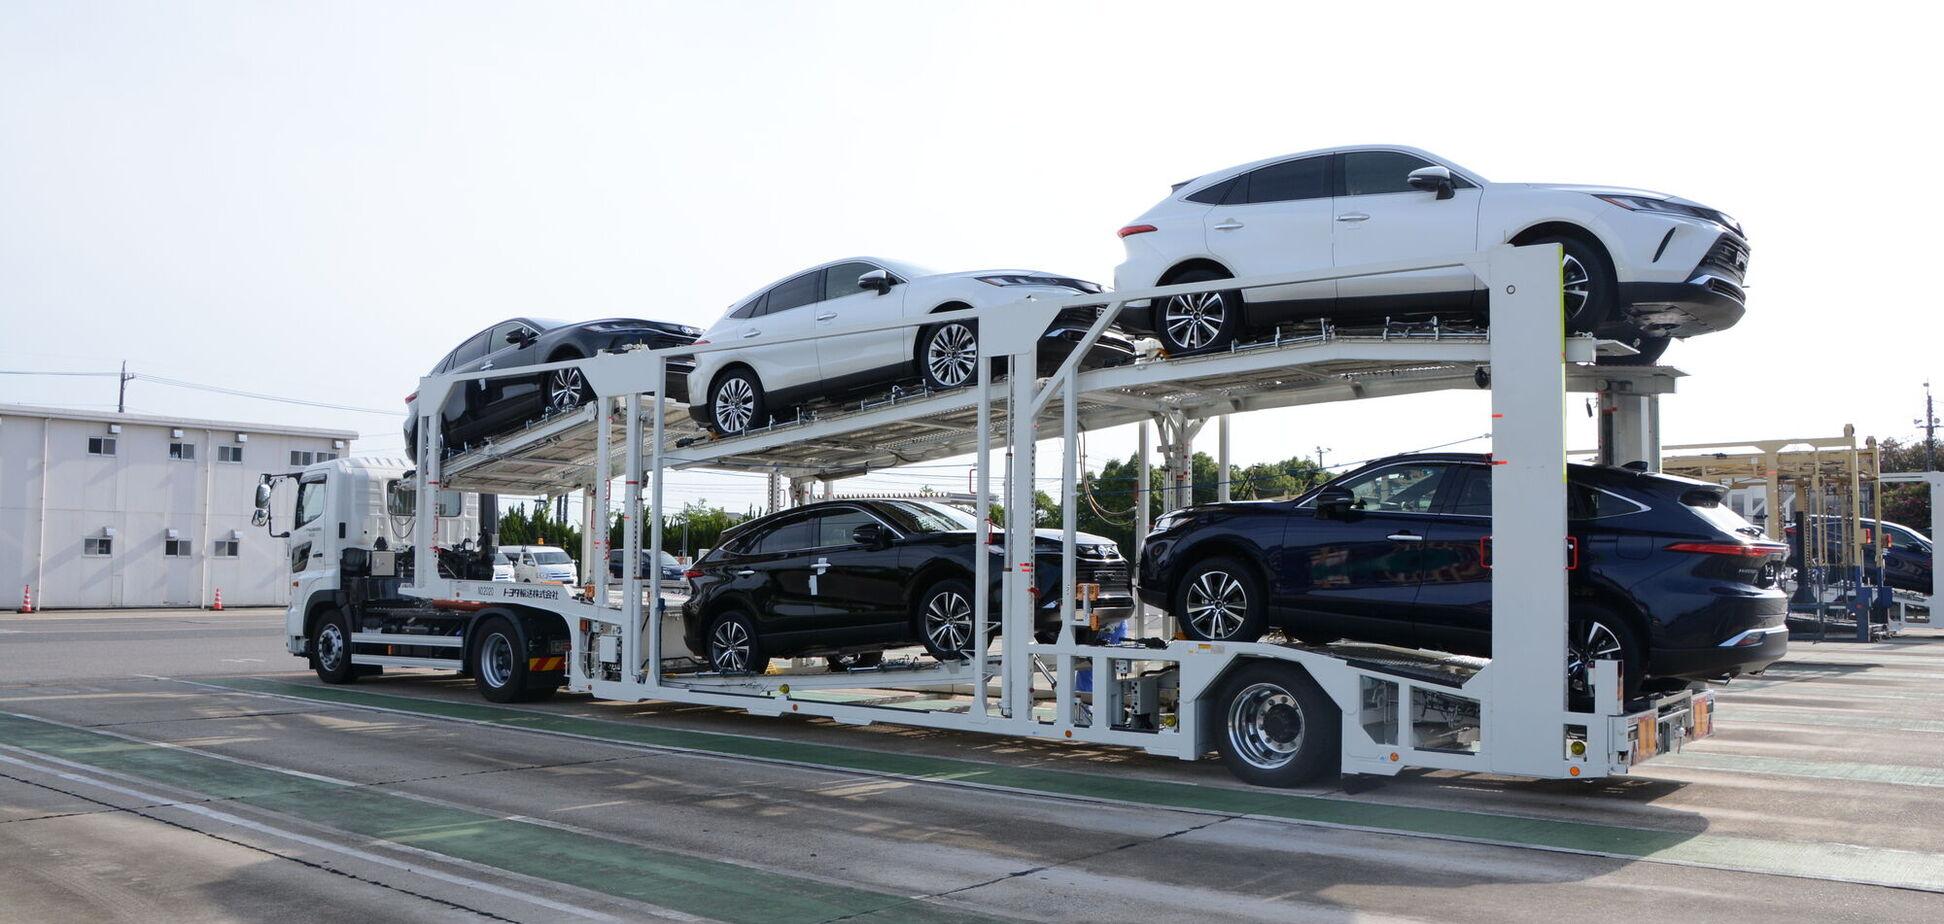 Ищут Volkswagen, а покупают ВАЗ: какие авто популярны в Украине